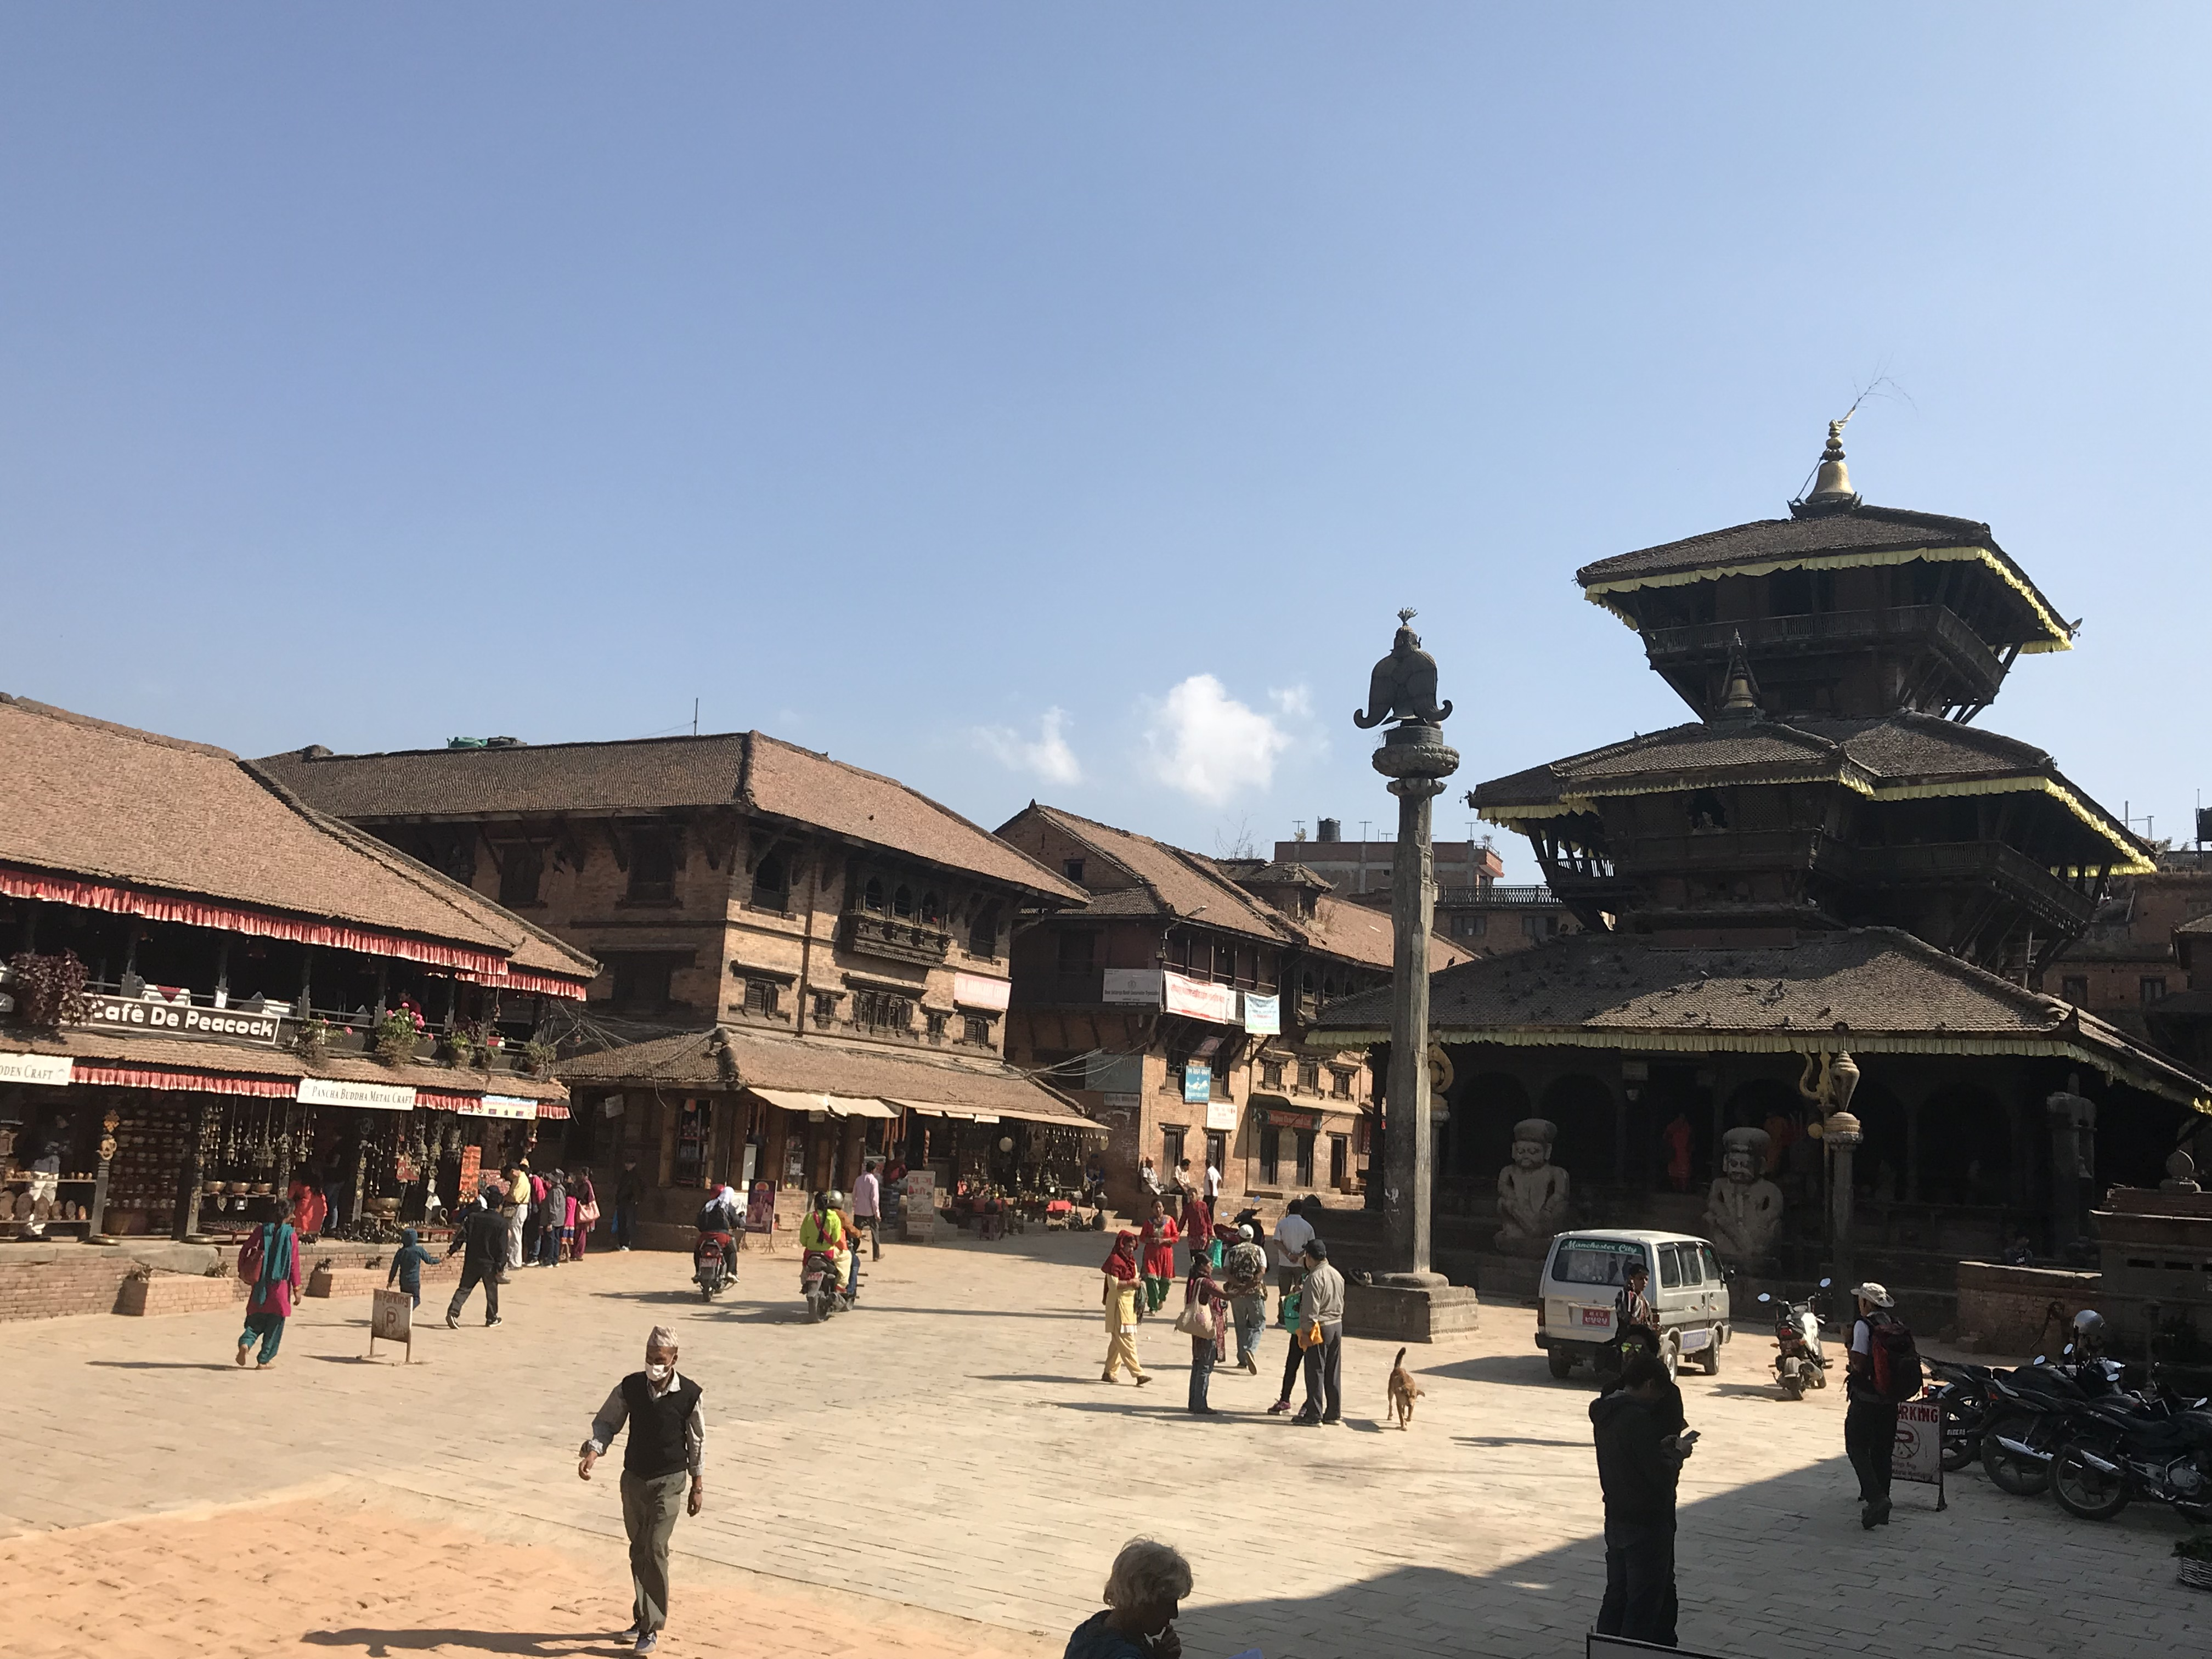 VTT Népal Kathmandu